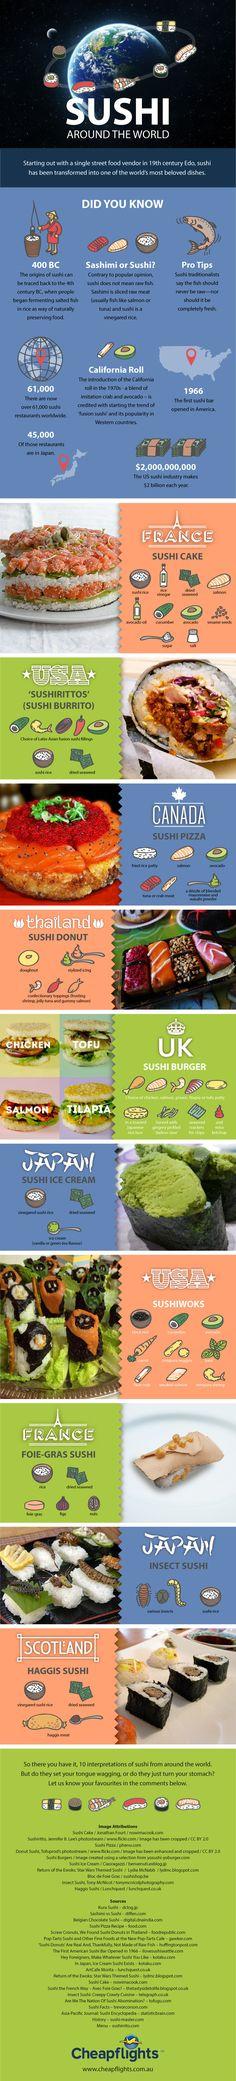 Visualistan: Sushi Around the World #infographic